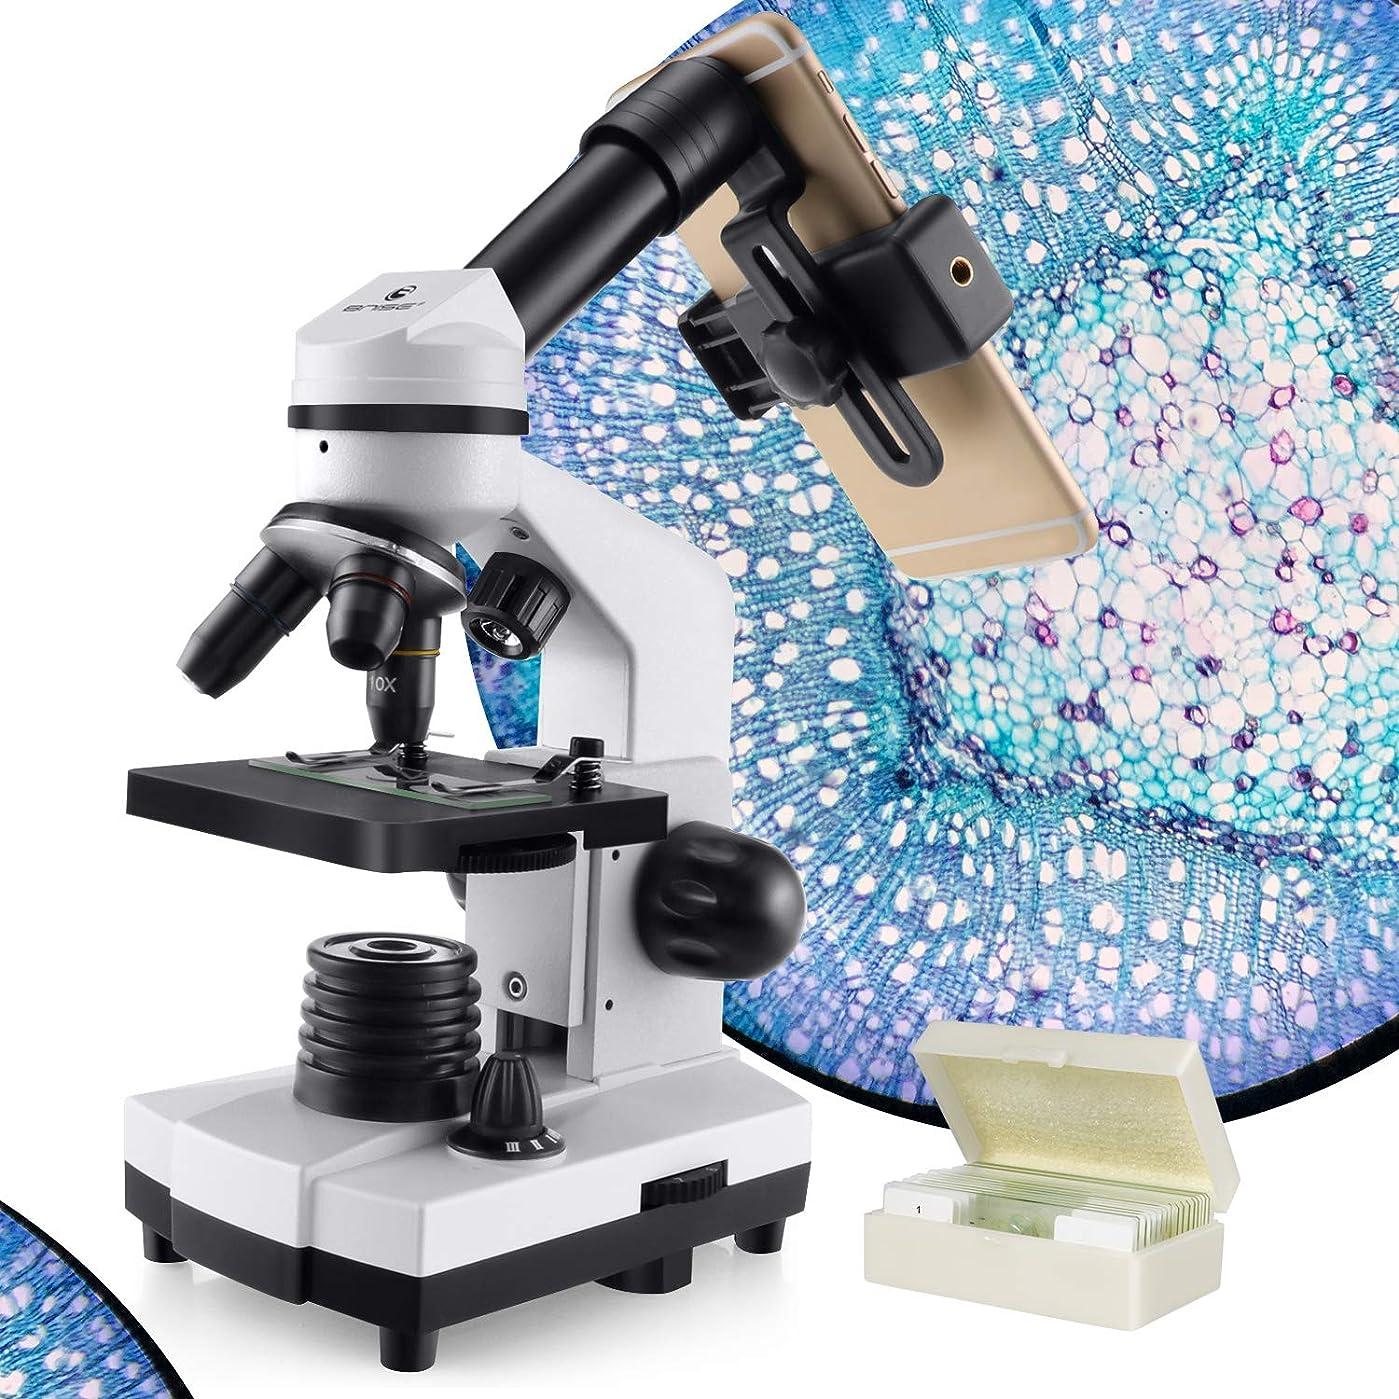 ベーシックインク予定単眼生物顕微鏡 100-1000倍 上下LEDライト内蔵 標本 スマホ撮影 子供 小学生 中学生 高校生の学習用 誕生日プレゼント 進学祝い 入学祝い 自由研究